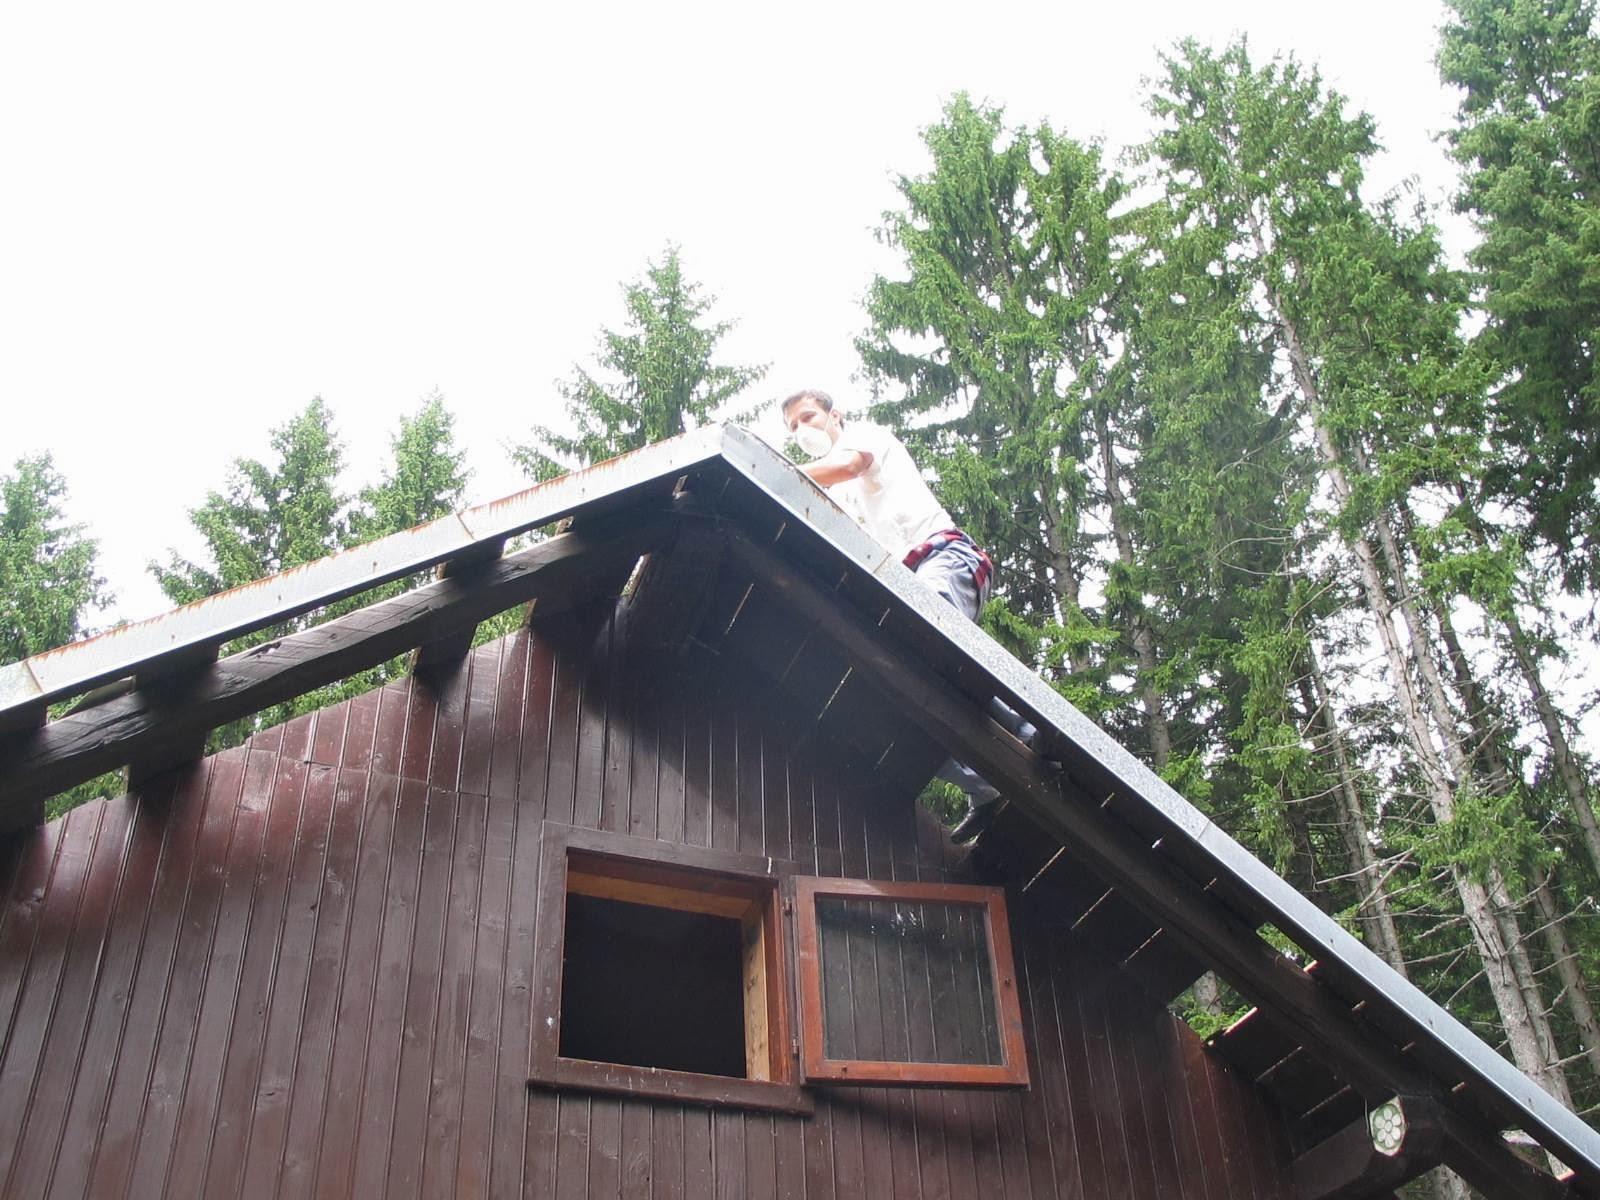 Delovna akcija - Streha, Črni dol 2006 - streha%2B070.jpg